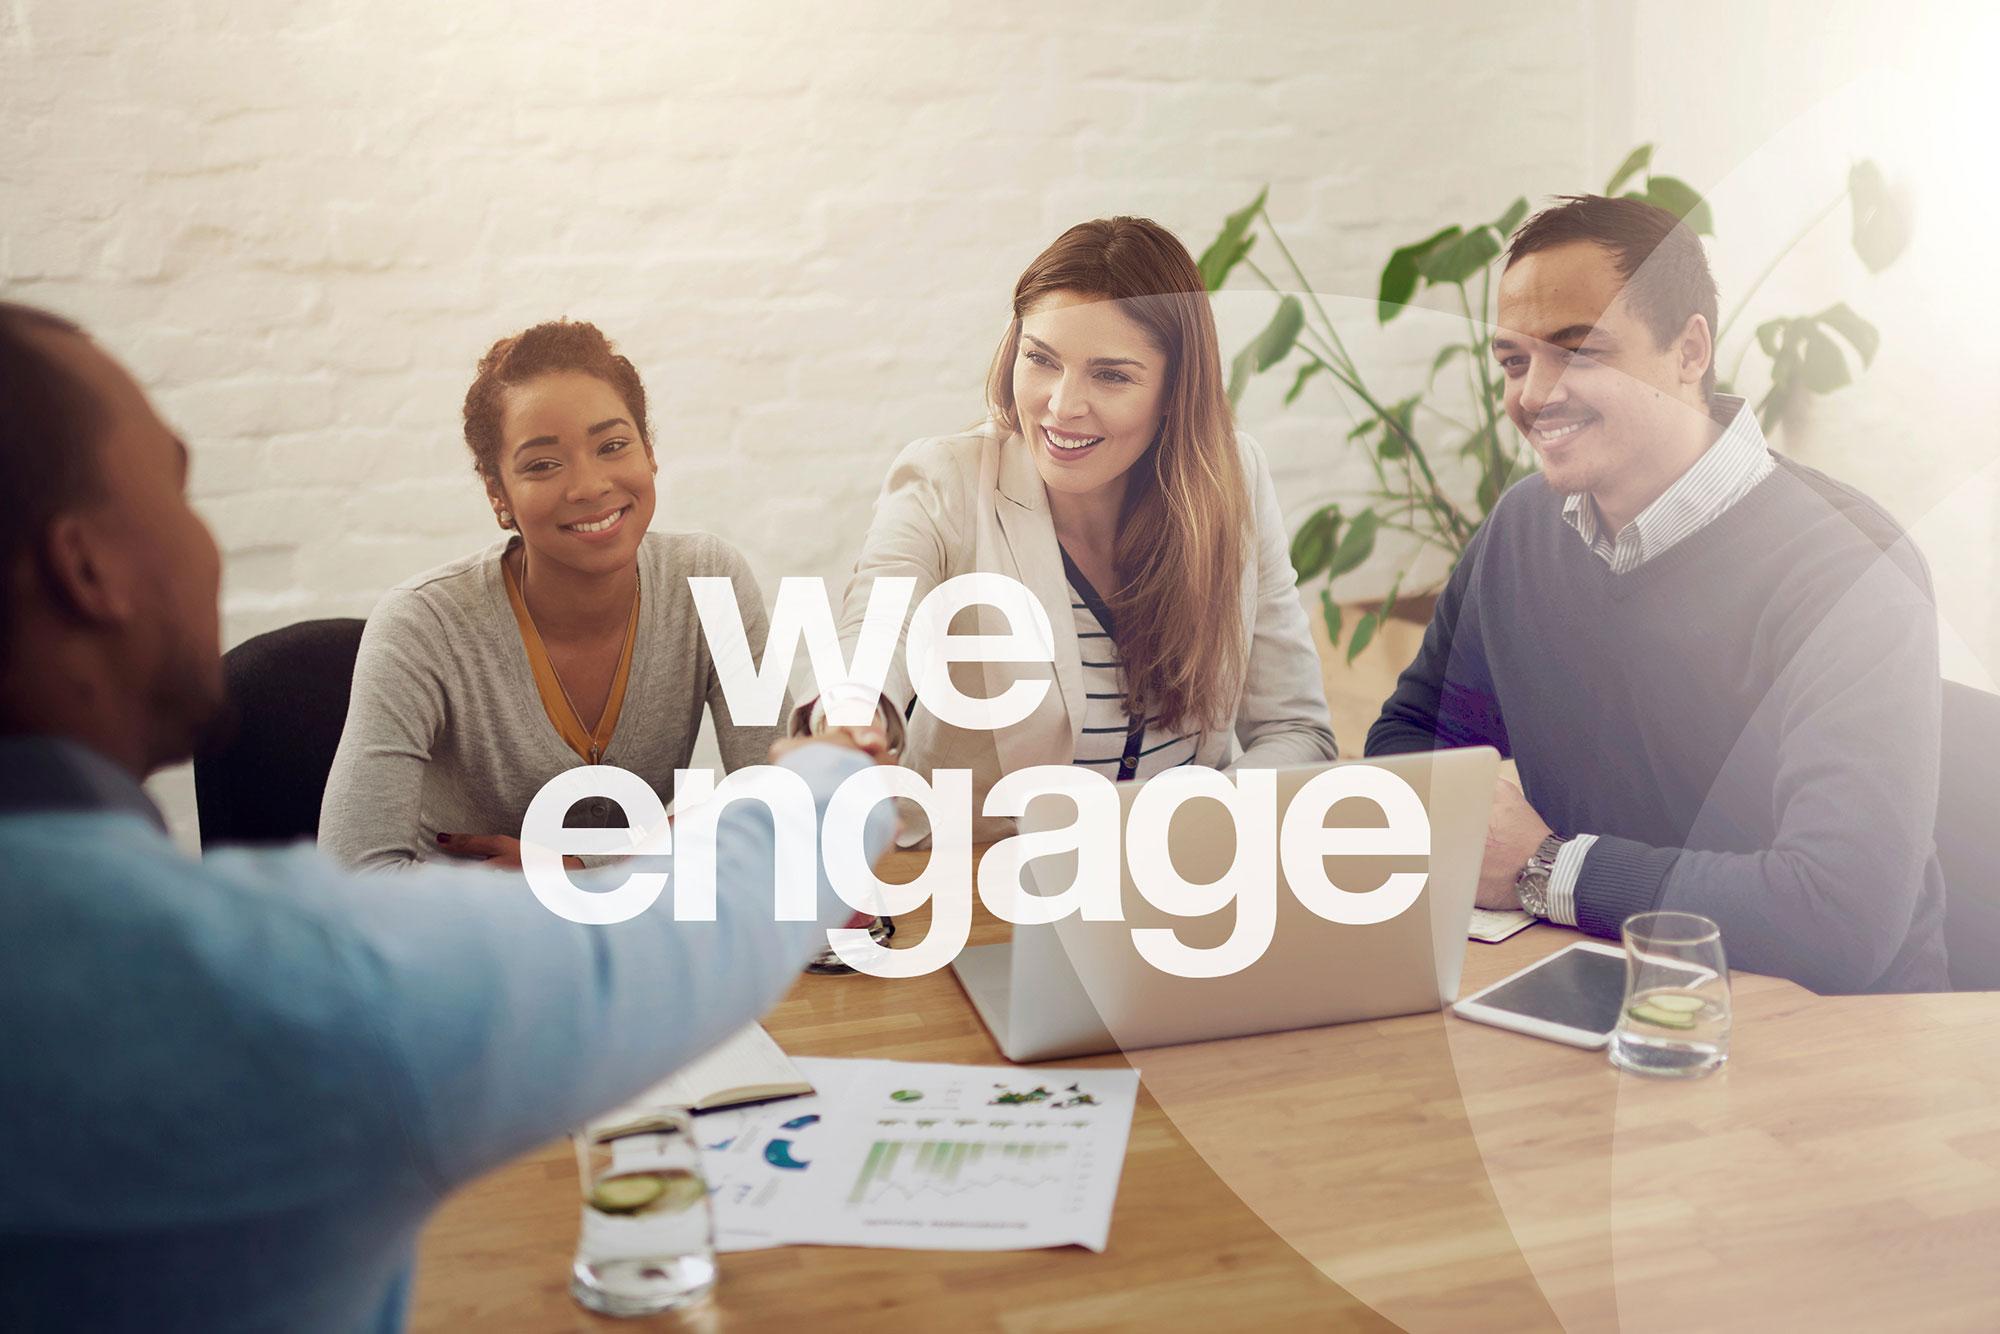 A_we-engage_people.jpg